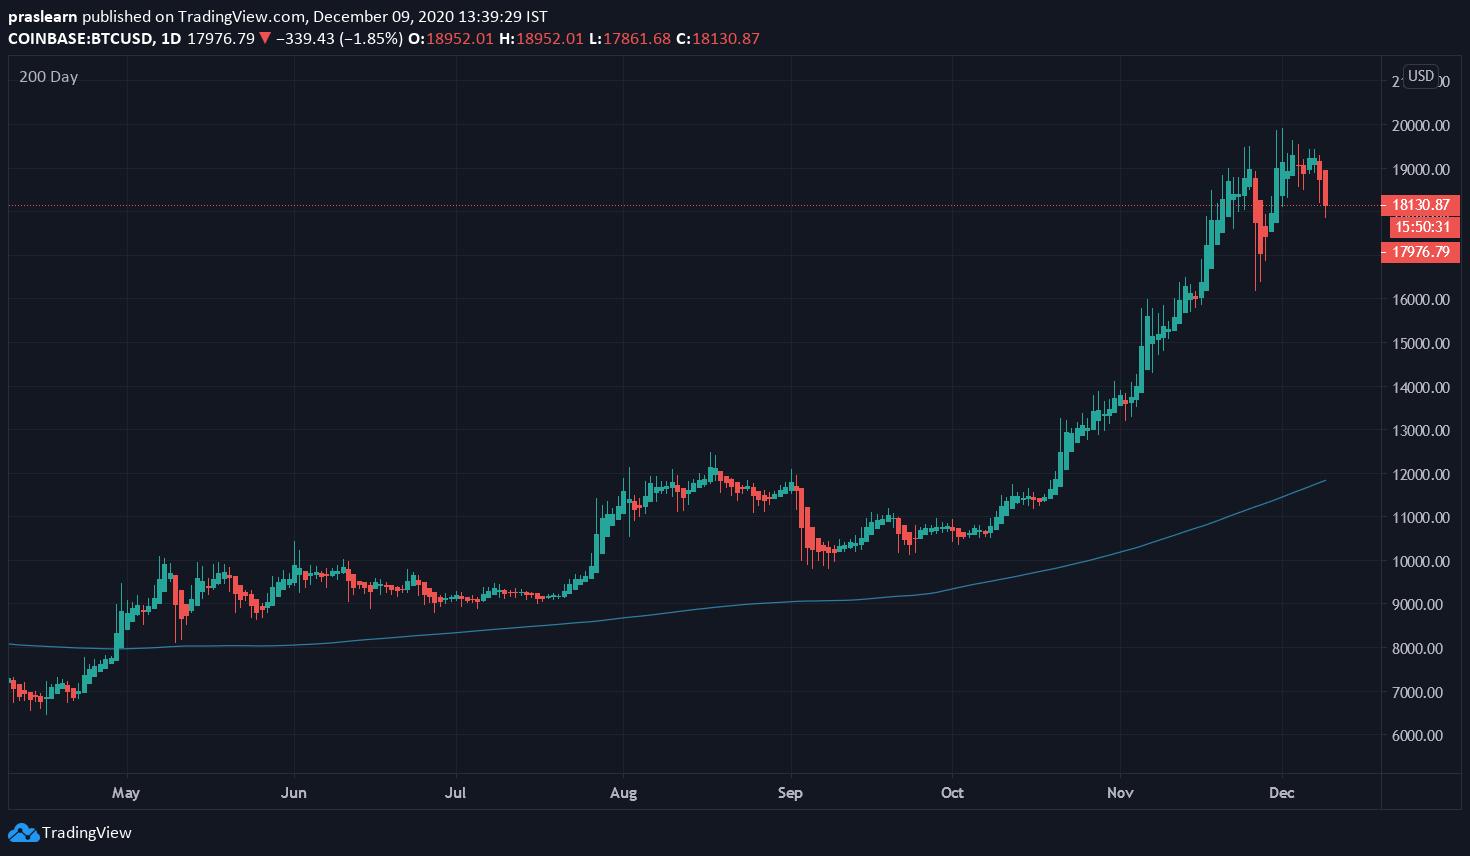 BTC/USD Daily Chart: TradingView